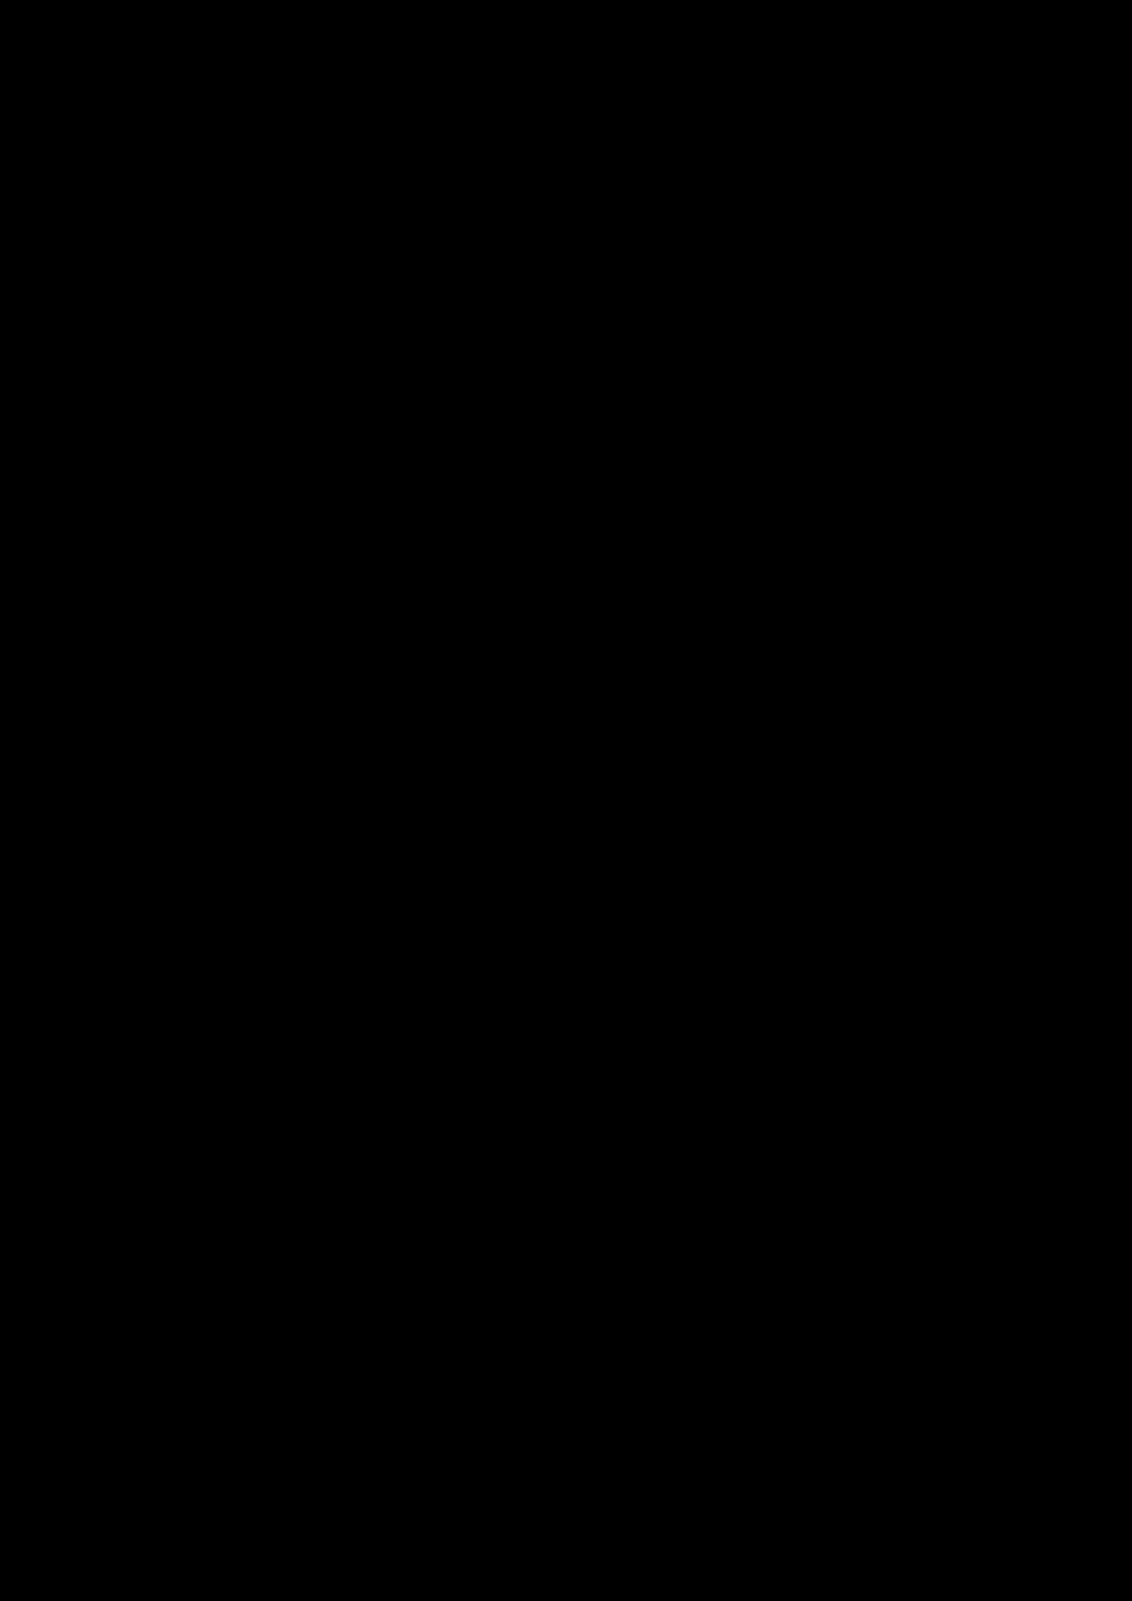 Proschanie s volshebnoy stranoy slide, Image 48